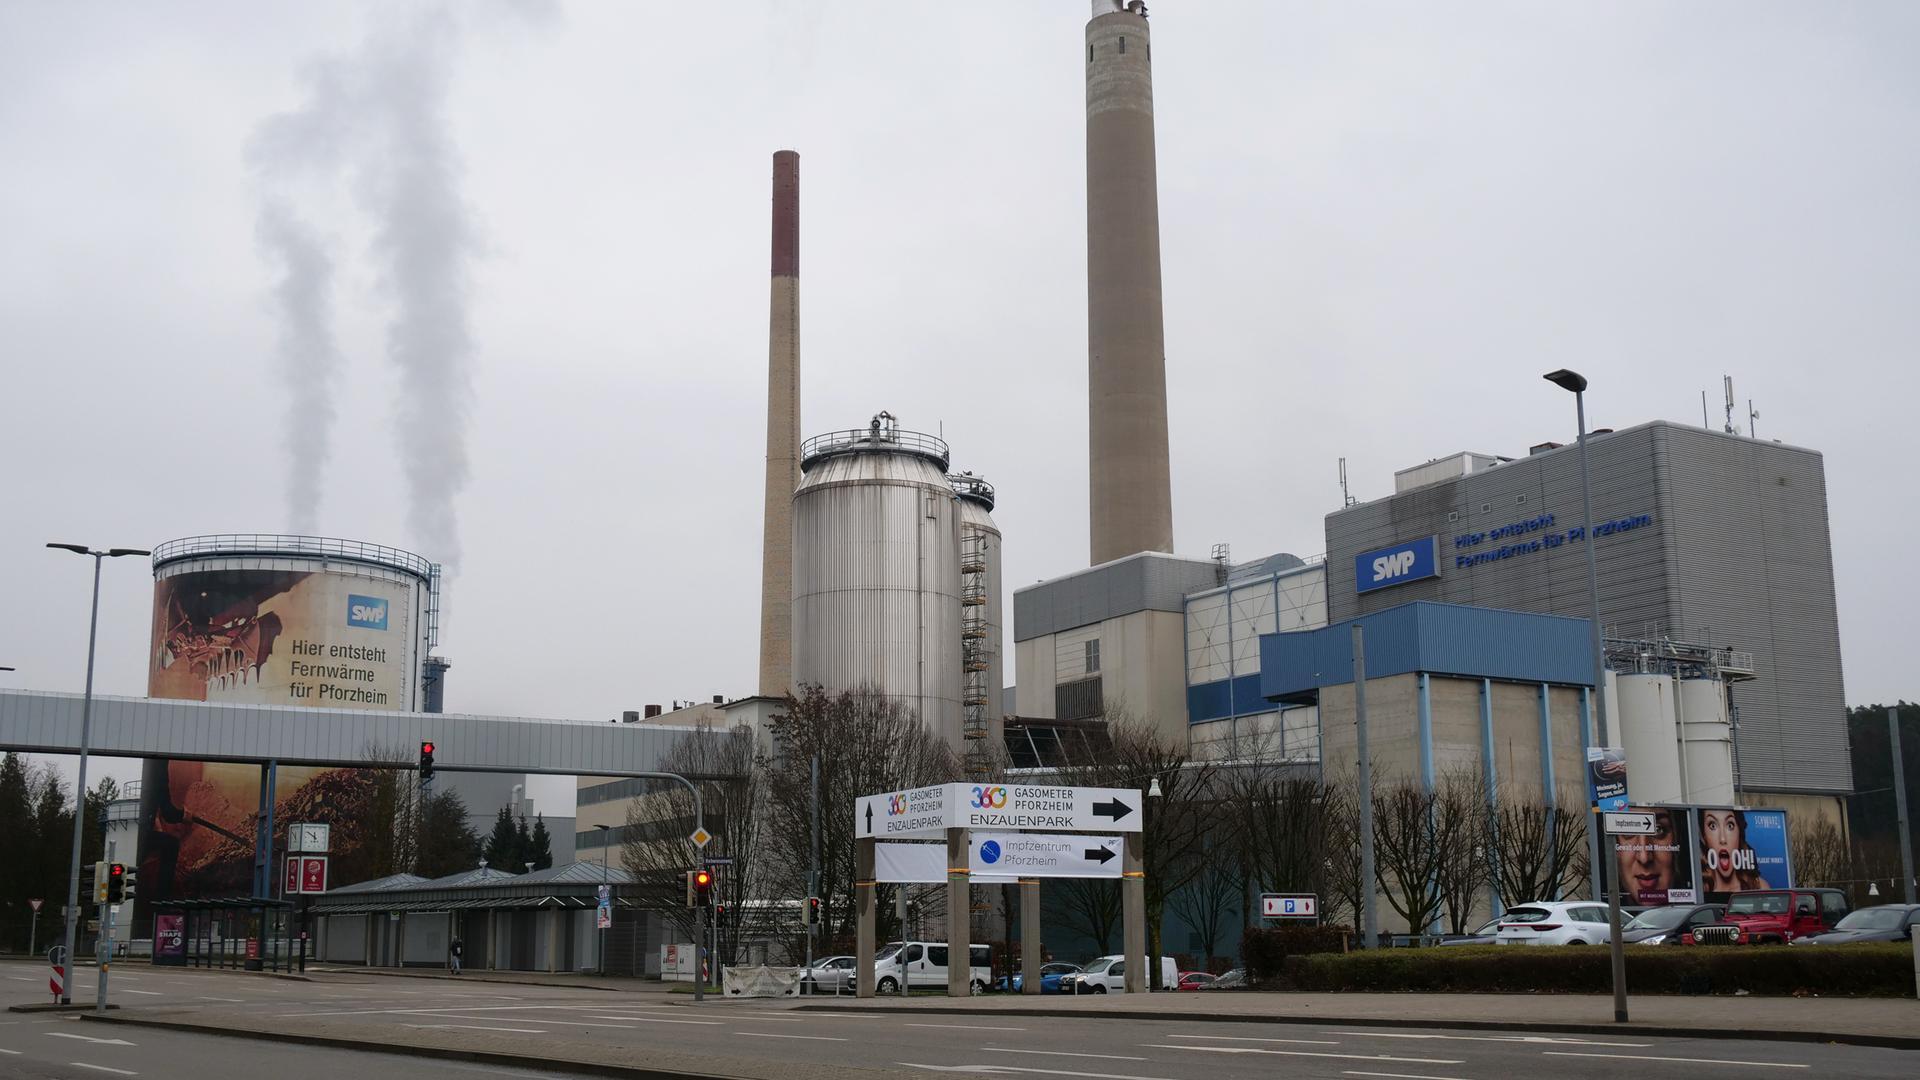 Beispiel einer gelungenen Zusammenarbeit zwischen Verwaltung und Unternehmen mit städtischer Beteiligung: Im Zuge der Wärmestrategie wurden Heizkraftwerk Pforzheim GmbH und Stadtwerke Pforzheim verschmolzen - mit Zustimmung des Gemeinderats